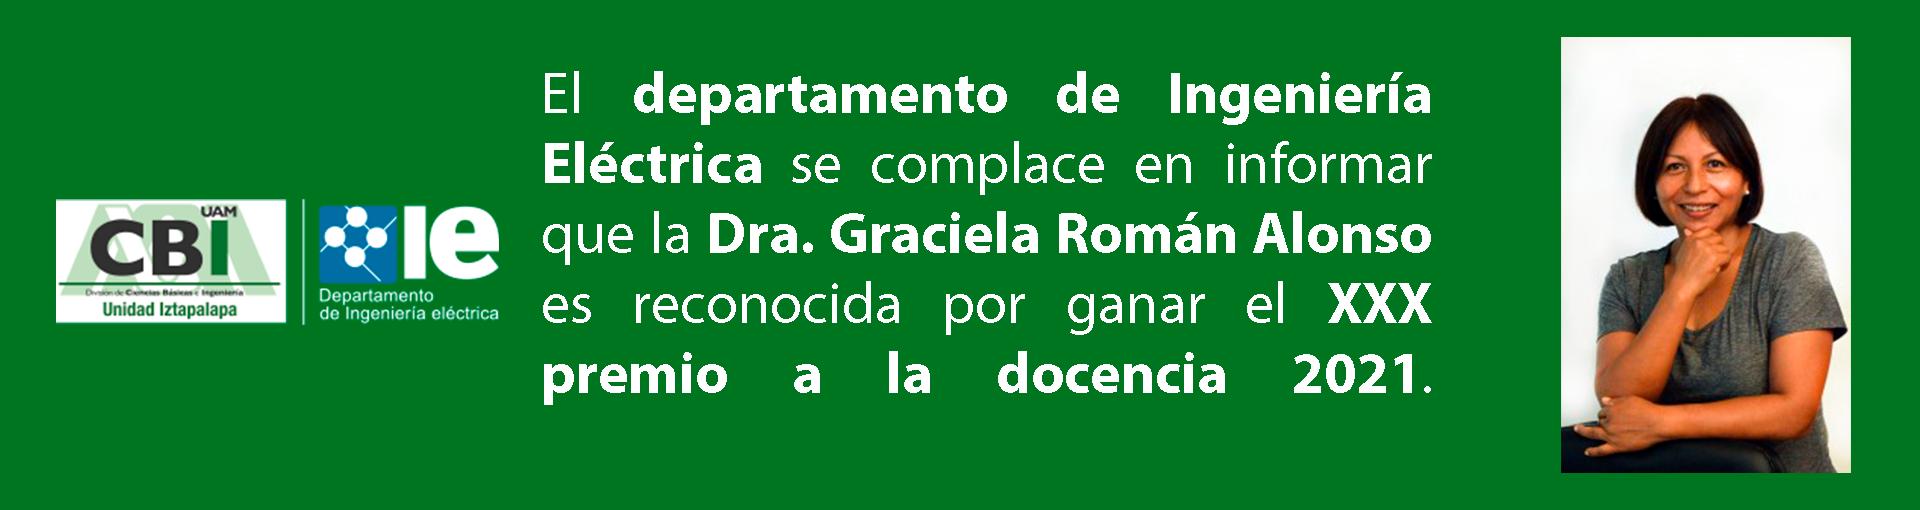 premioDocencia2021